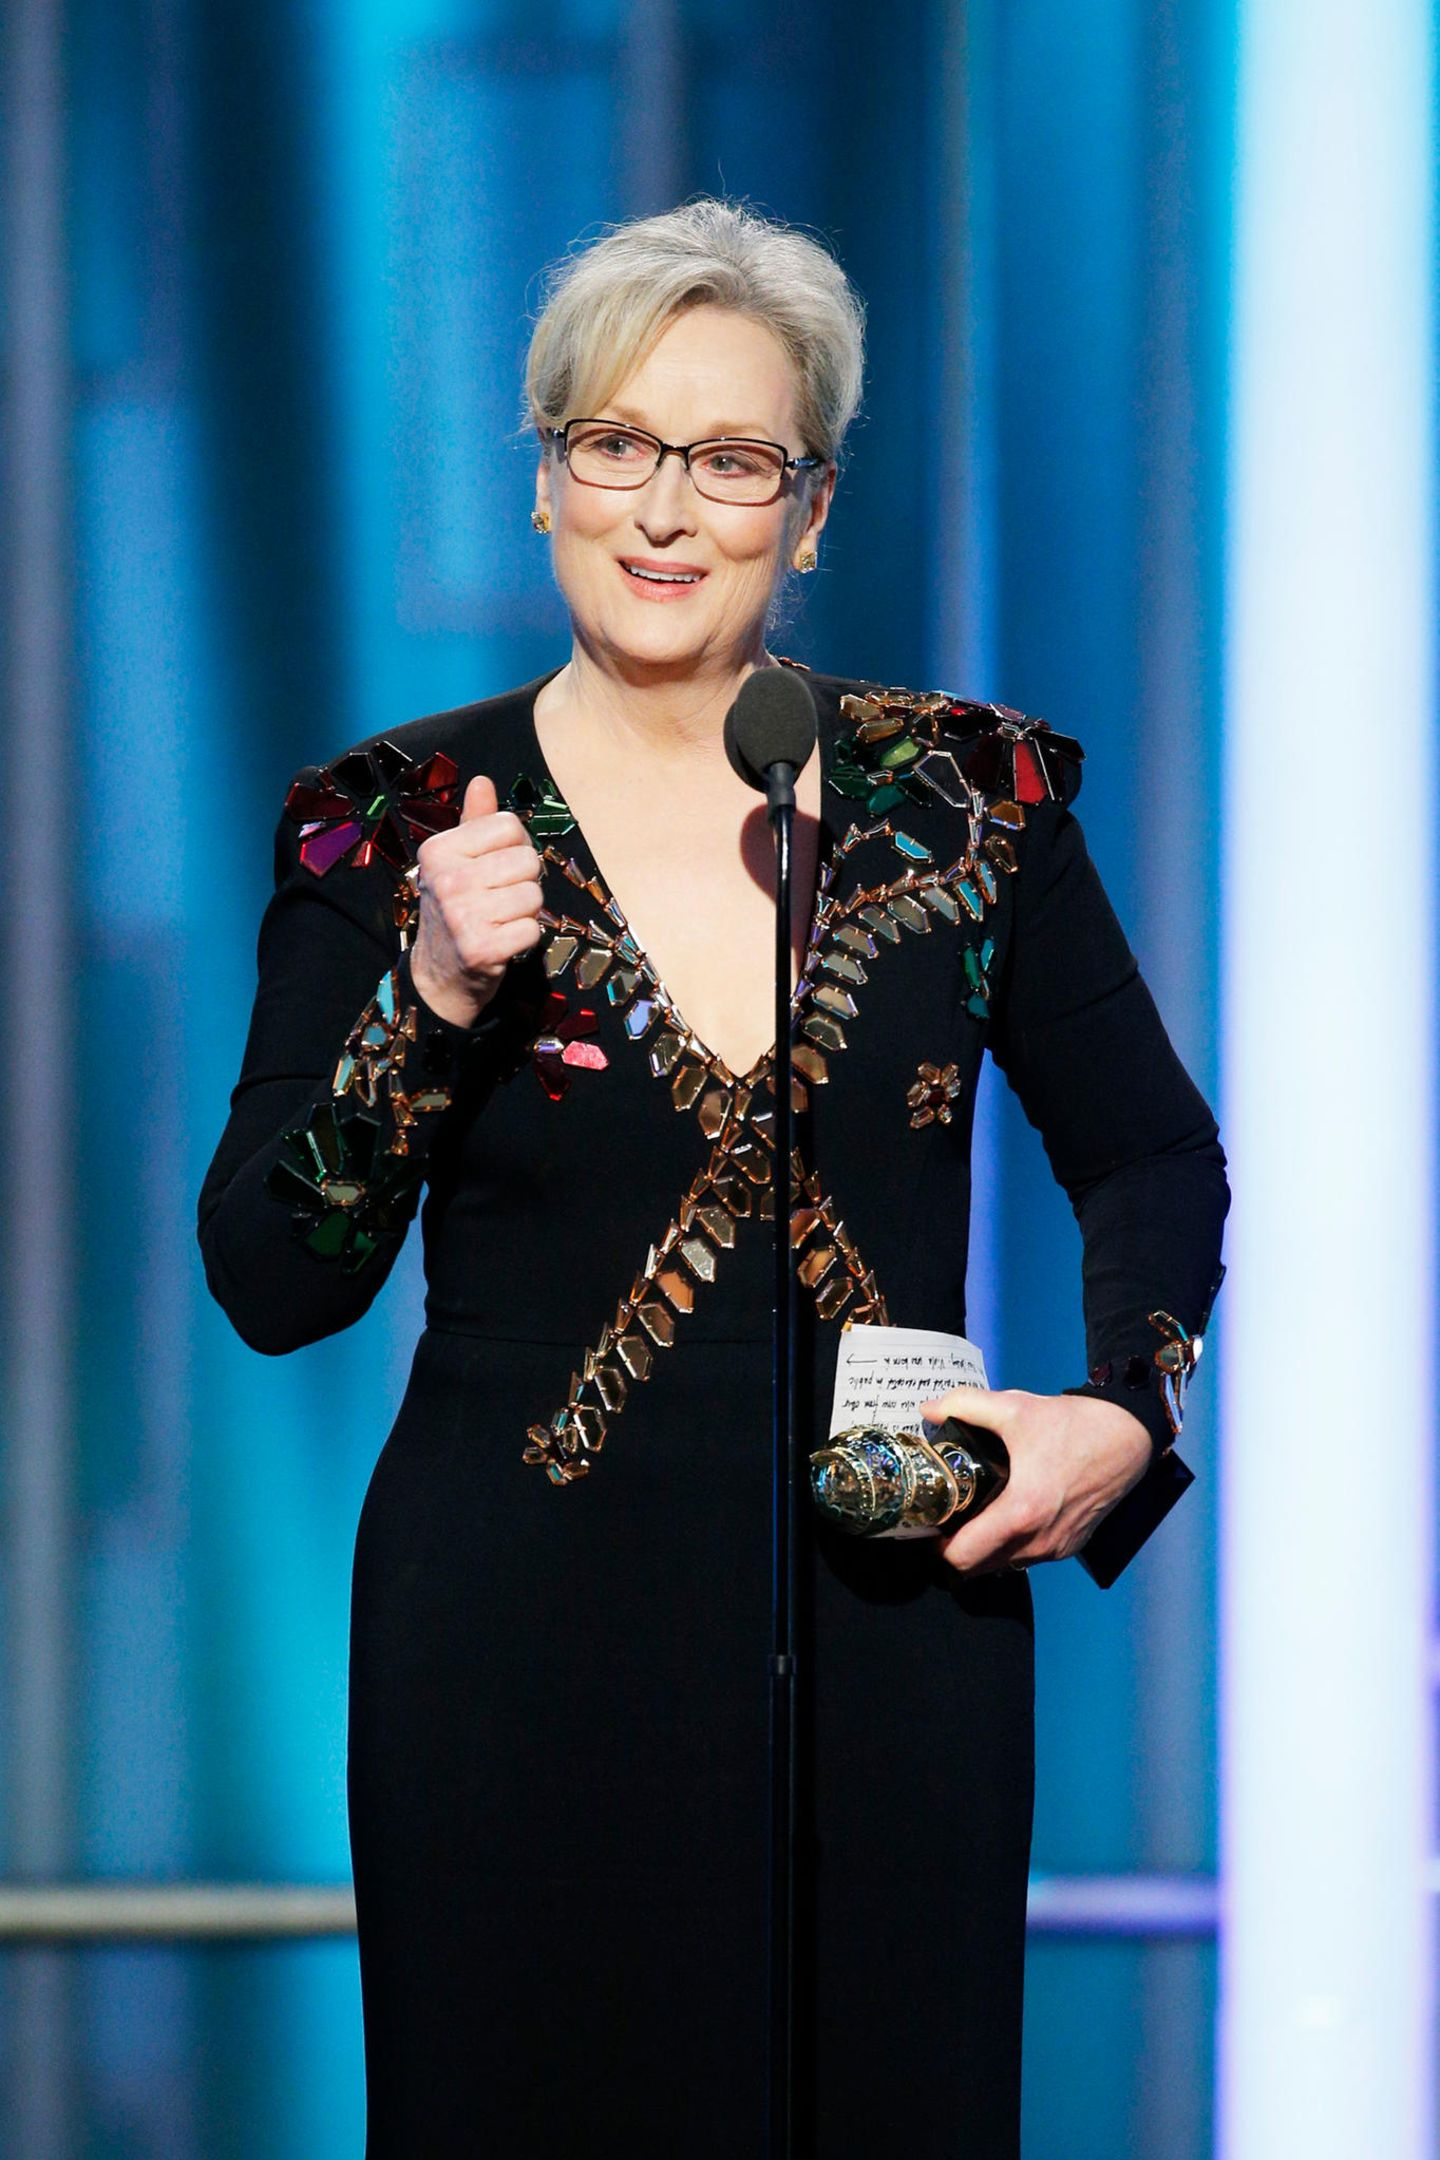 Legendär: Bei den Golden Globes 2017 hält sie eine Rede, in der sie den künftigen US-Präsident Donald Trump kritisiert, ohne dessen Namen zu nennen.